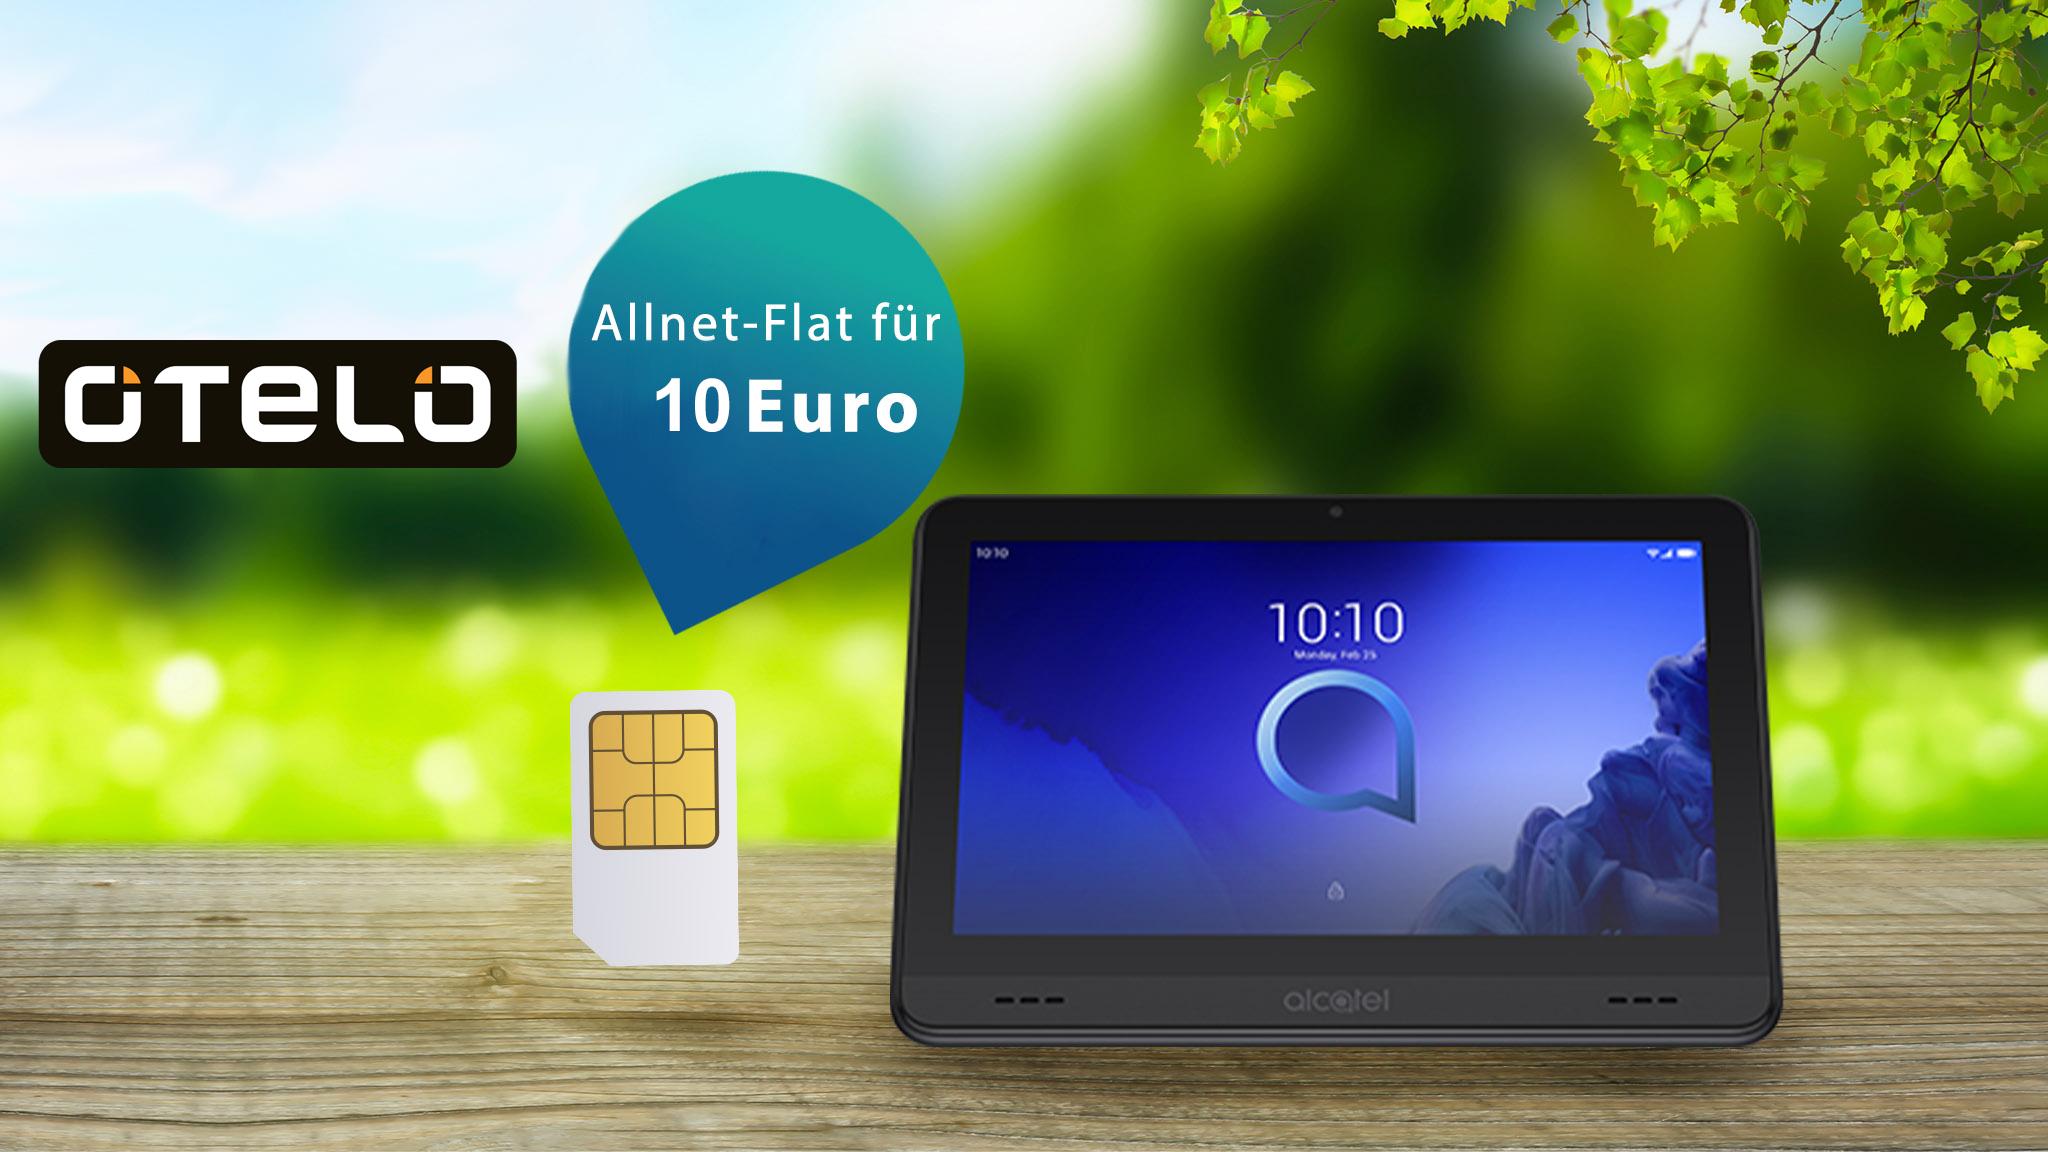 Otelo-Deal: Kleiner Preis, viel Datenvolumen, Gratis-Tablet